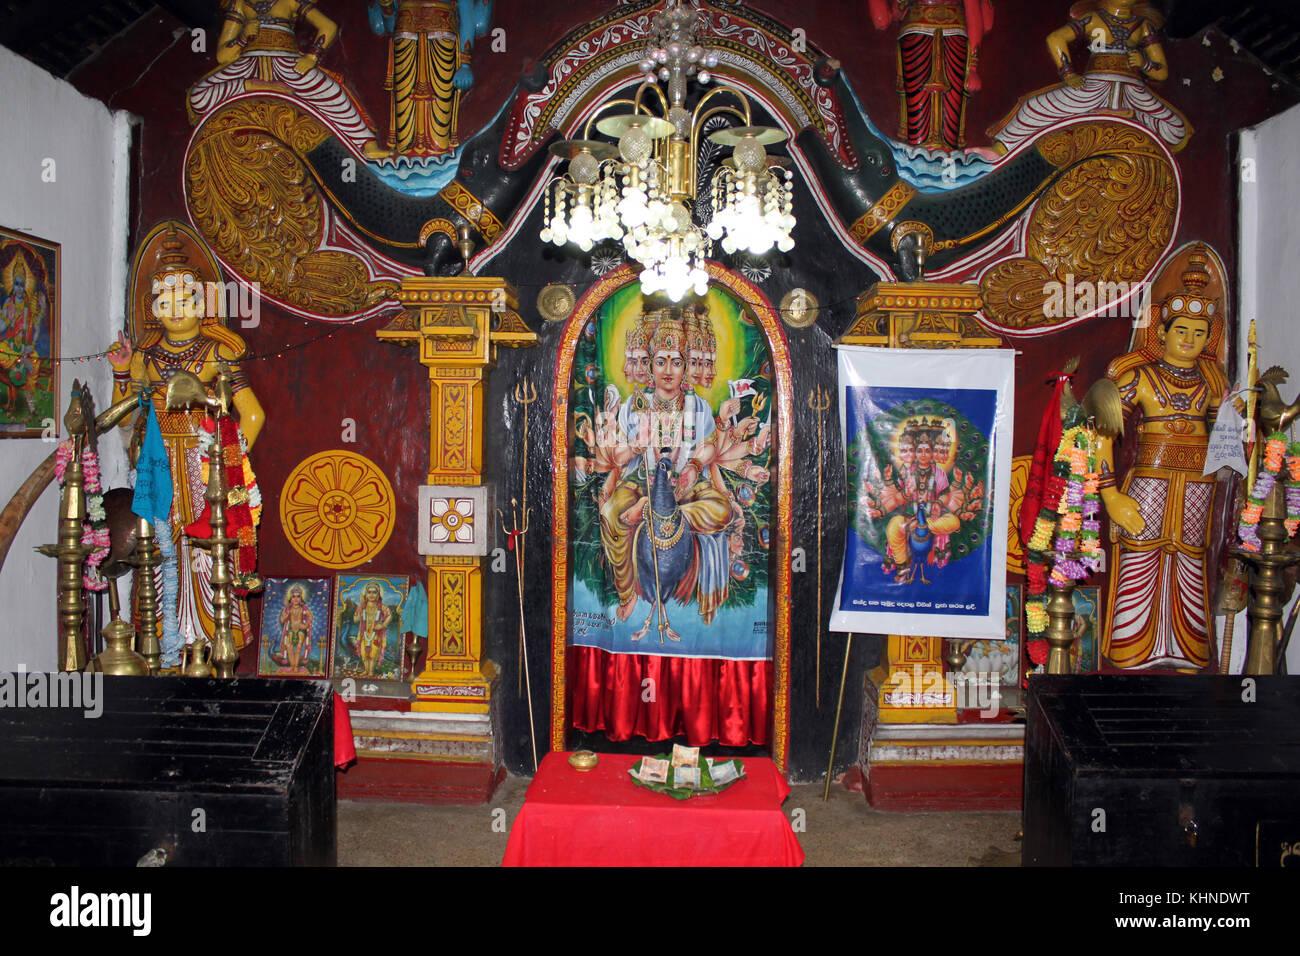 BAPS Shri Swaminarayan Mandir (Hindu Temple)   Explore ...   Inside A Hindu Temple